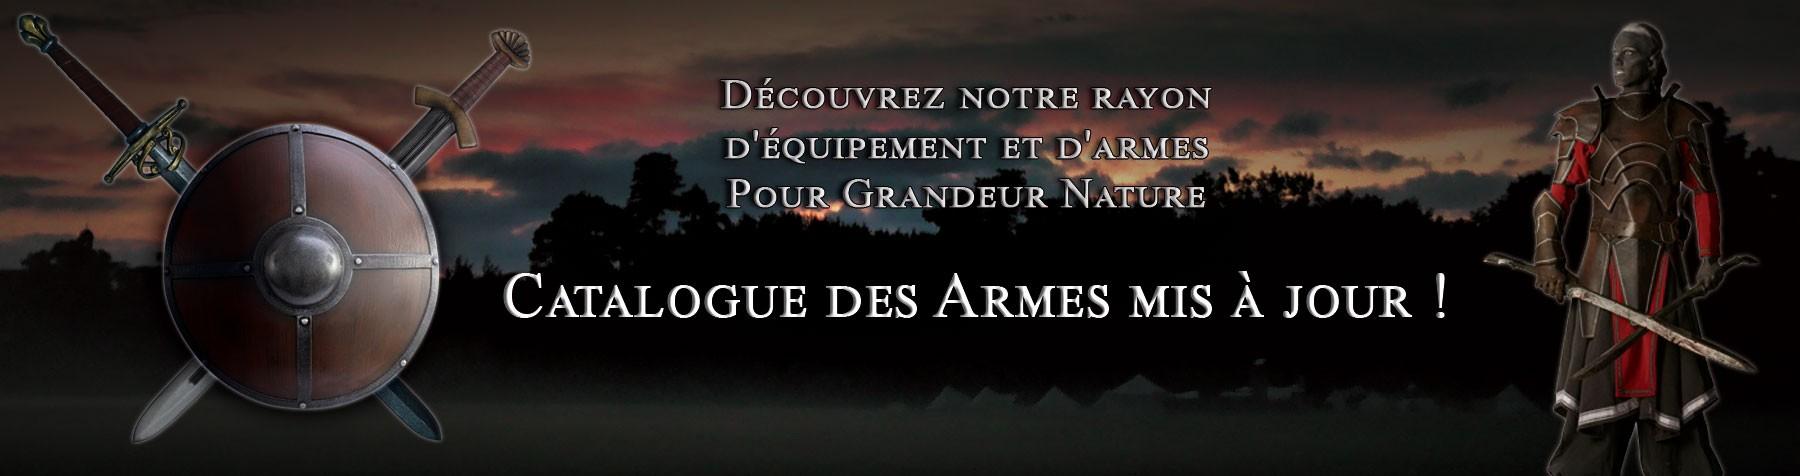 Armes et Equipements pour Grandeur Nature